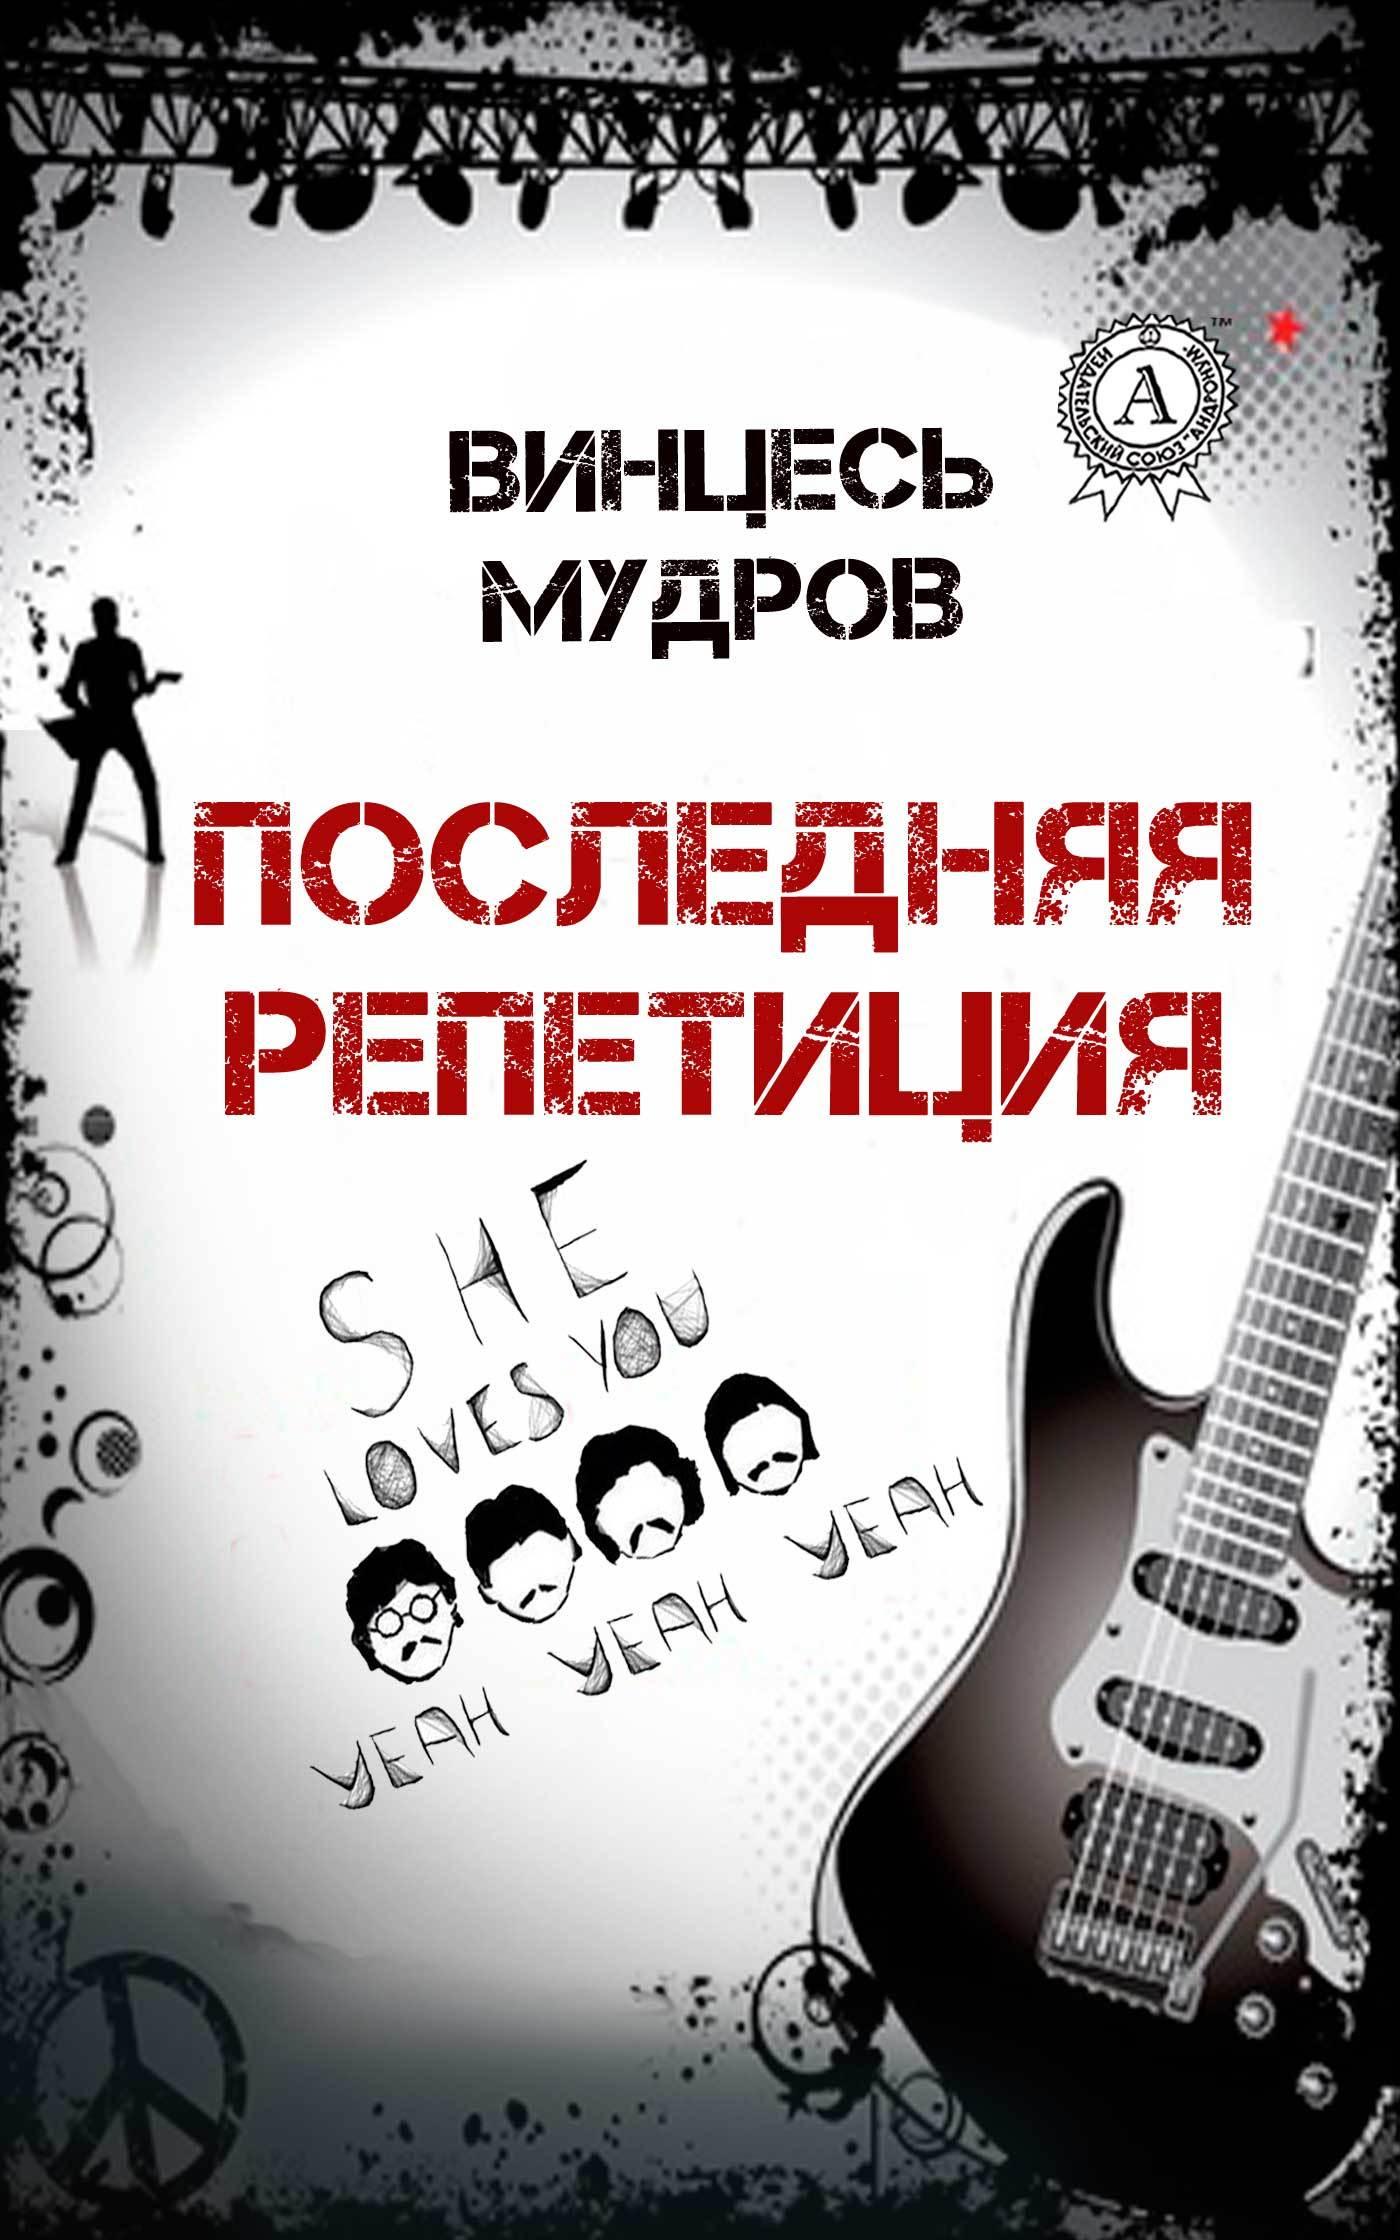 Обложка книги Последняя репетиция, автор Мудров, Винцесь